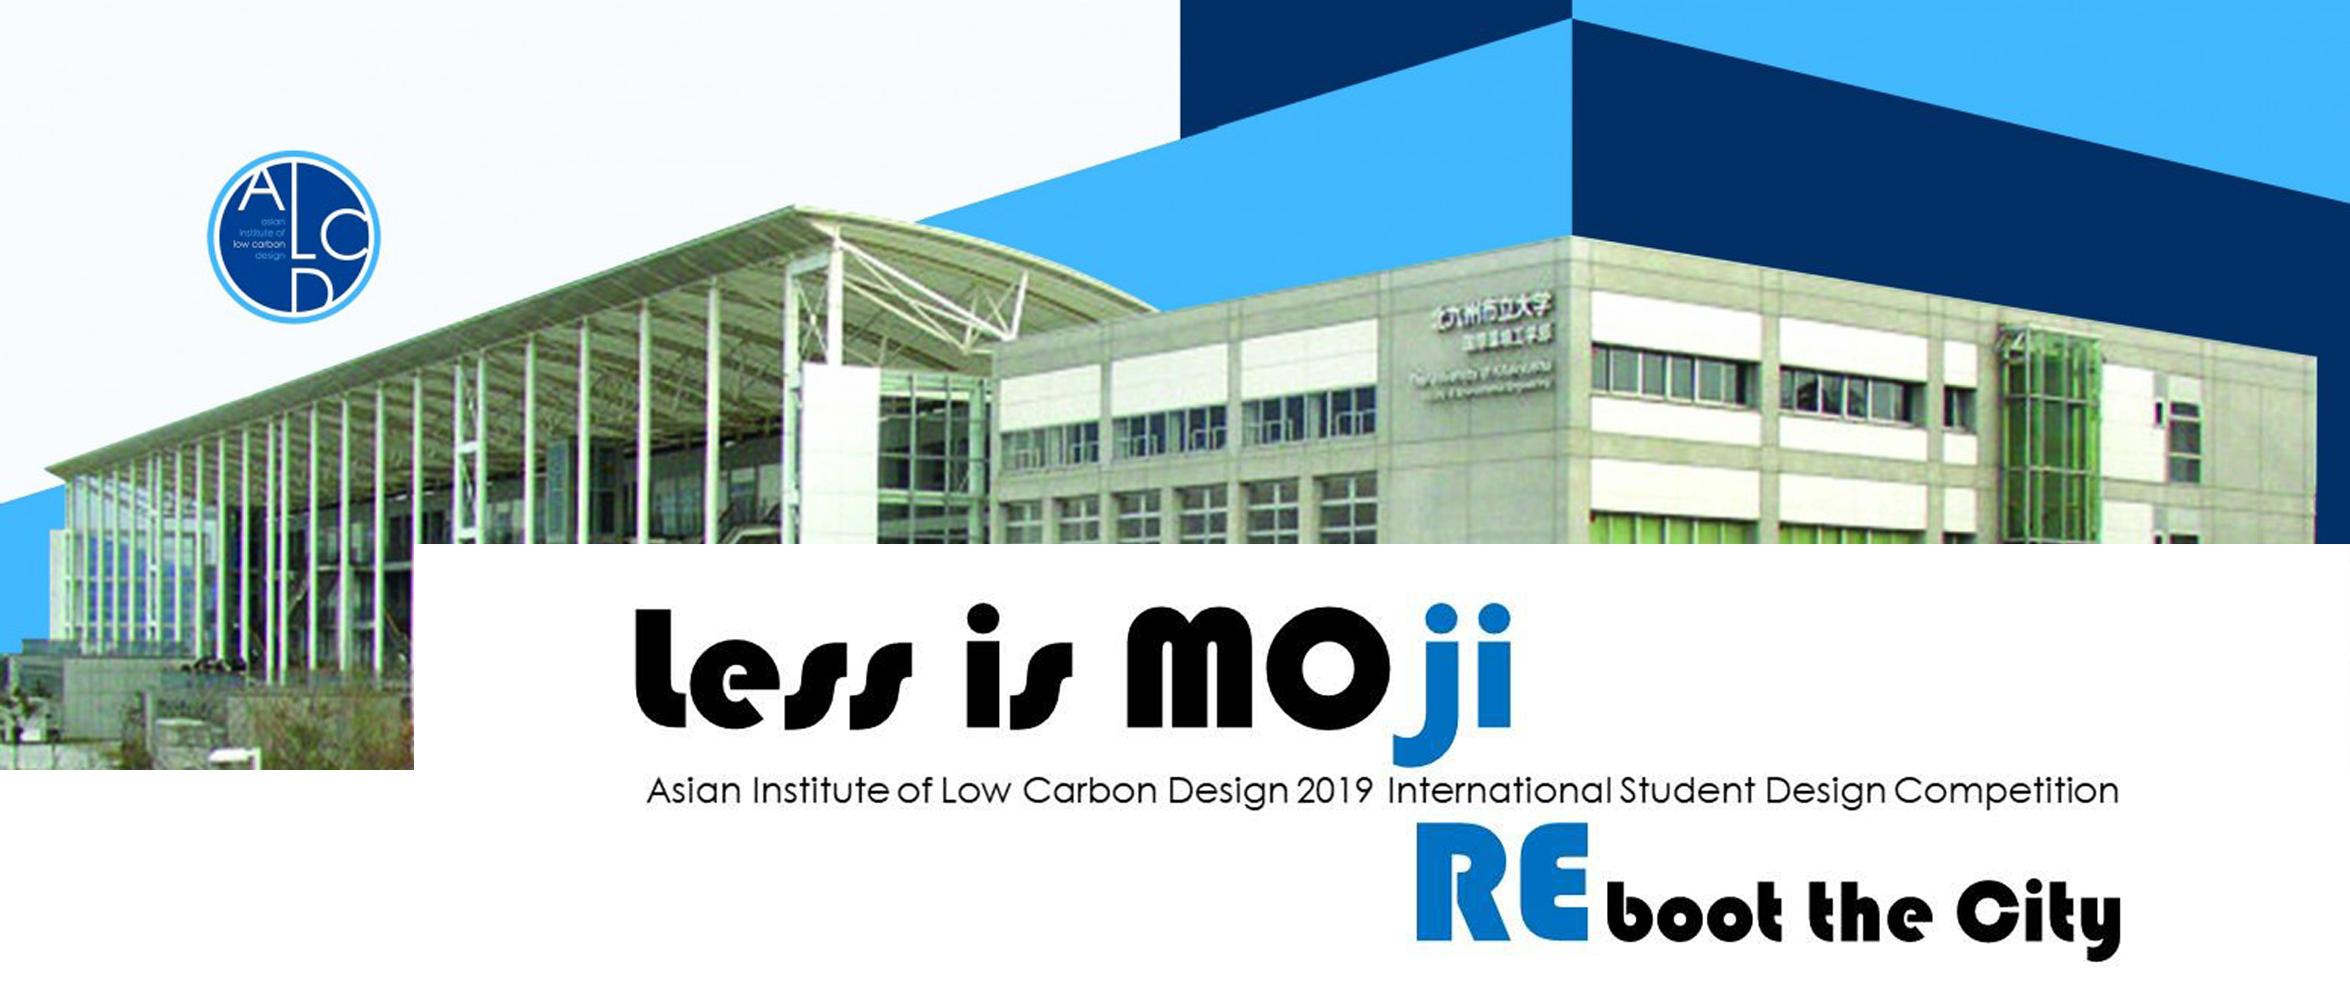 亚洲低碳设计研究院2019年国际学生设计竞赛